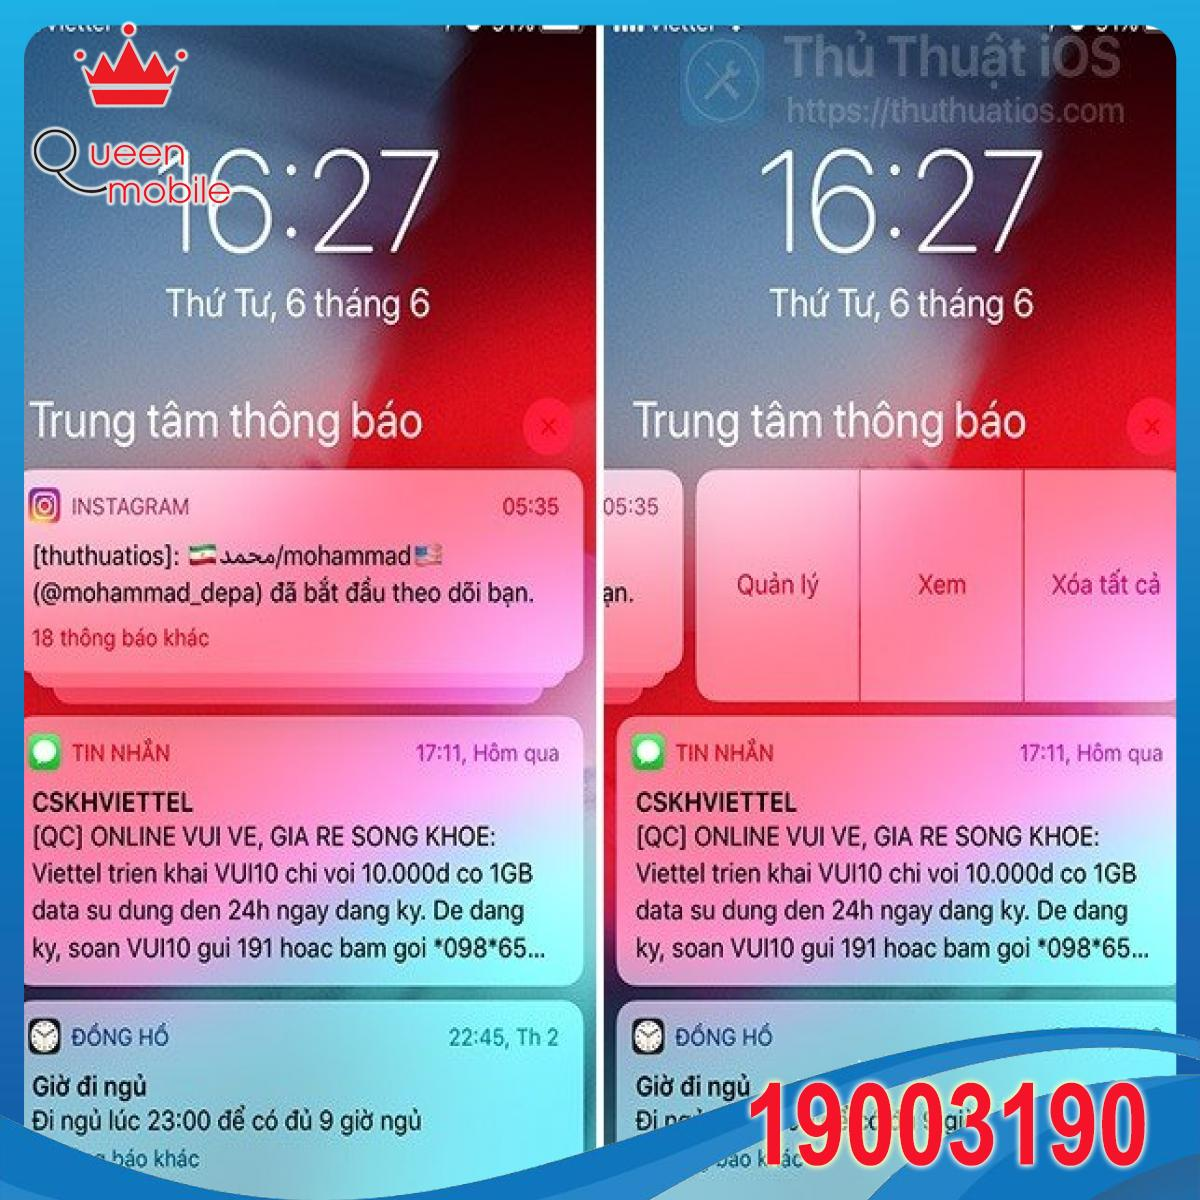 Cách thay đổi nhanh cài đặt thông báo cho bất kỳ ứng dụng nào trong iOS 12